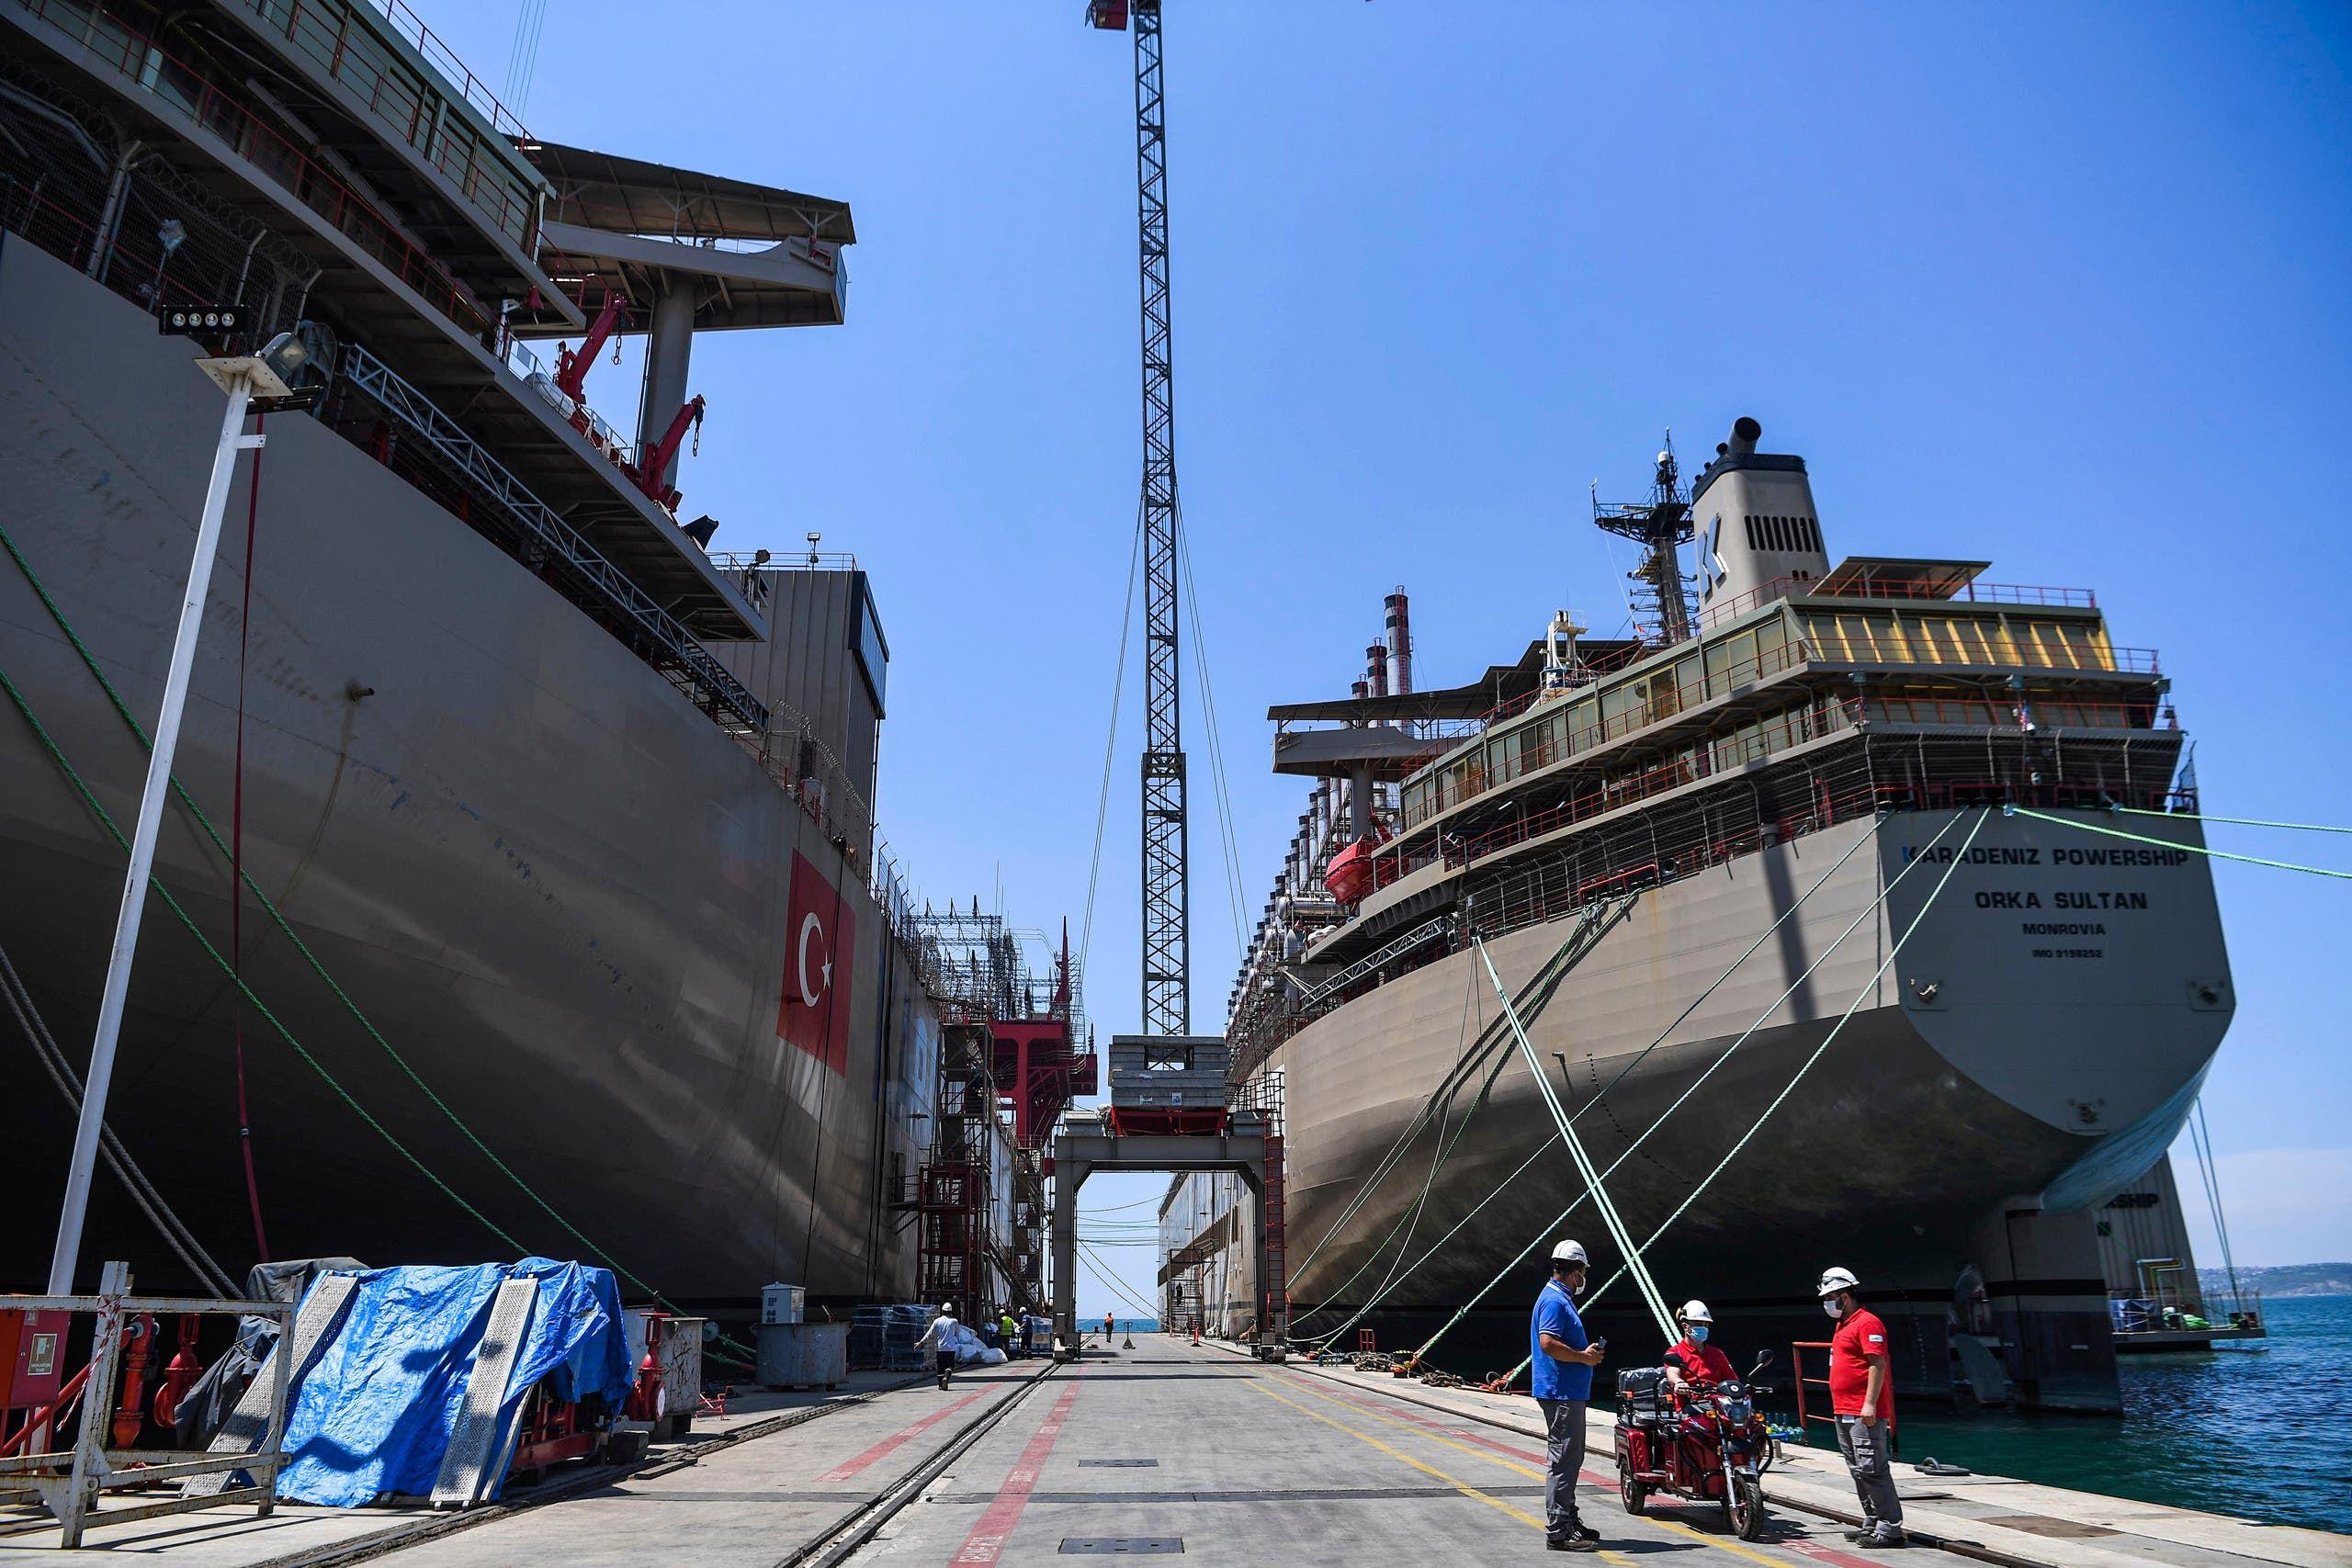 سفينة تركية عائمة لتوليد الطاقة (أرشيفية- فرانس برس)